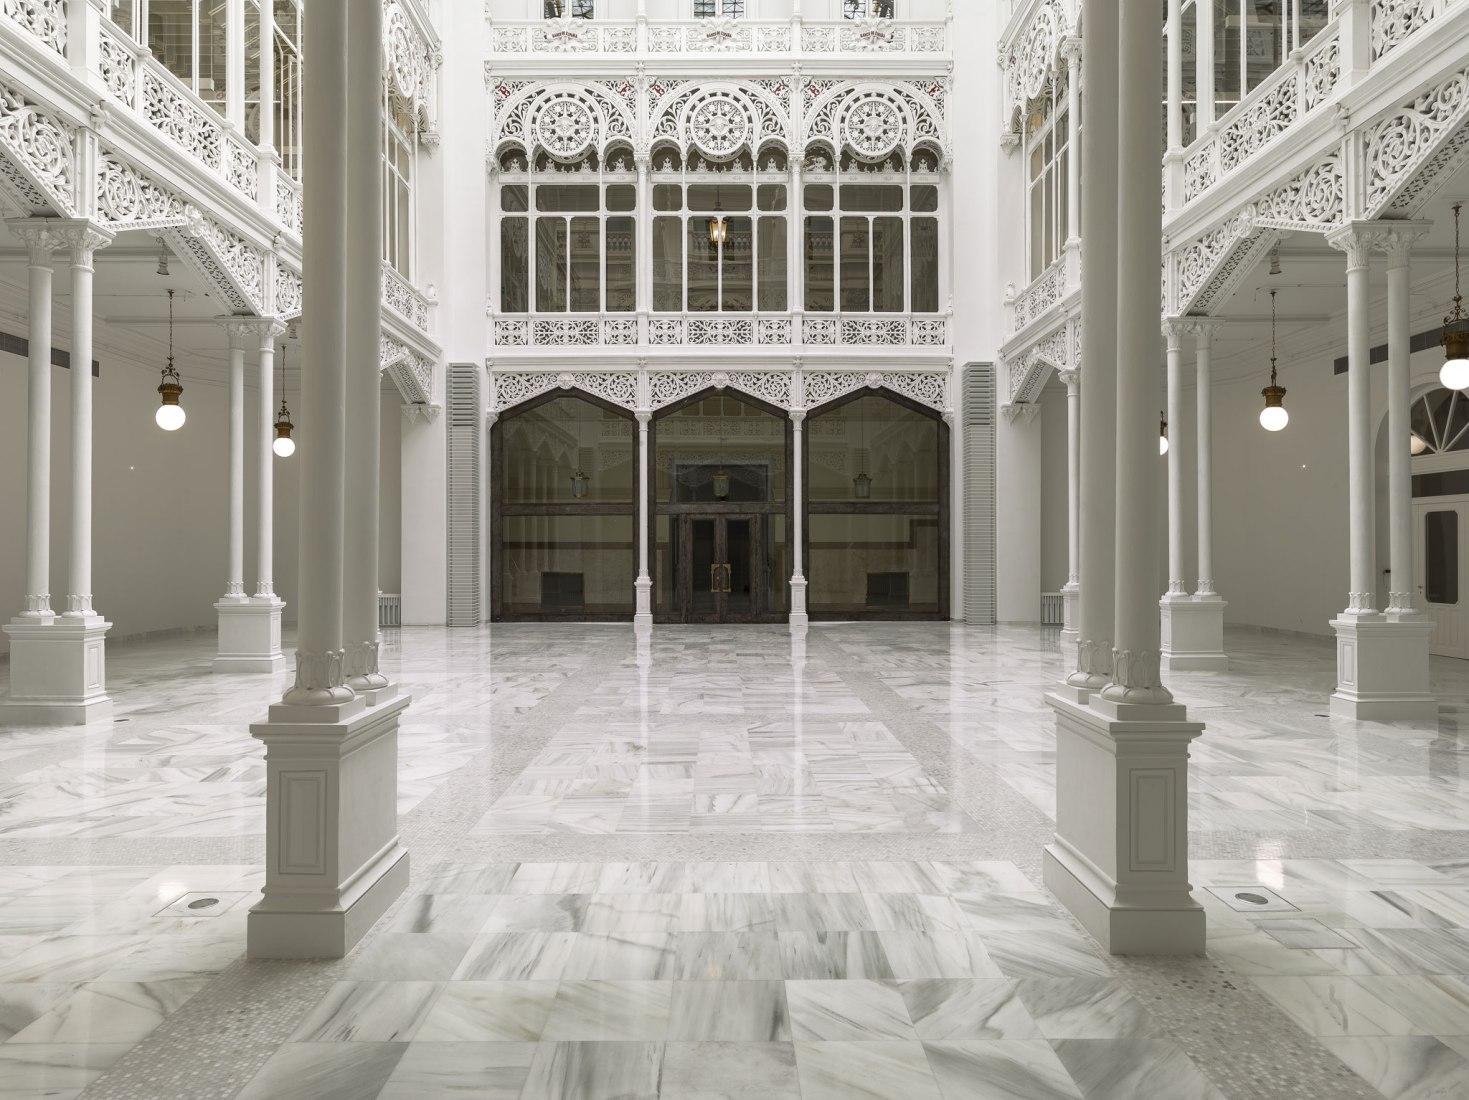 Vista interior. Restauración de la sala de lectura de la biblioteca del Banco de España, por Matilde Peralta del Amo. Fotografía por Luis Asín